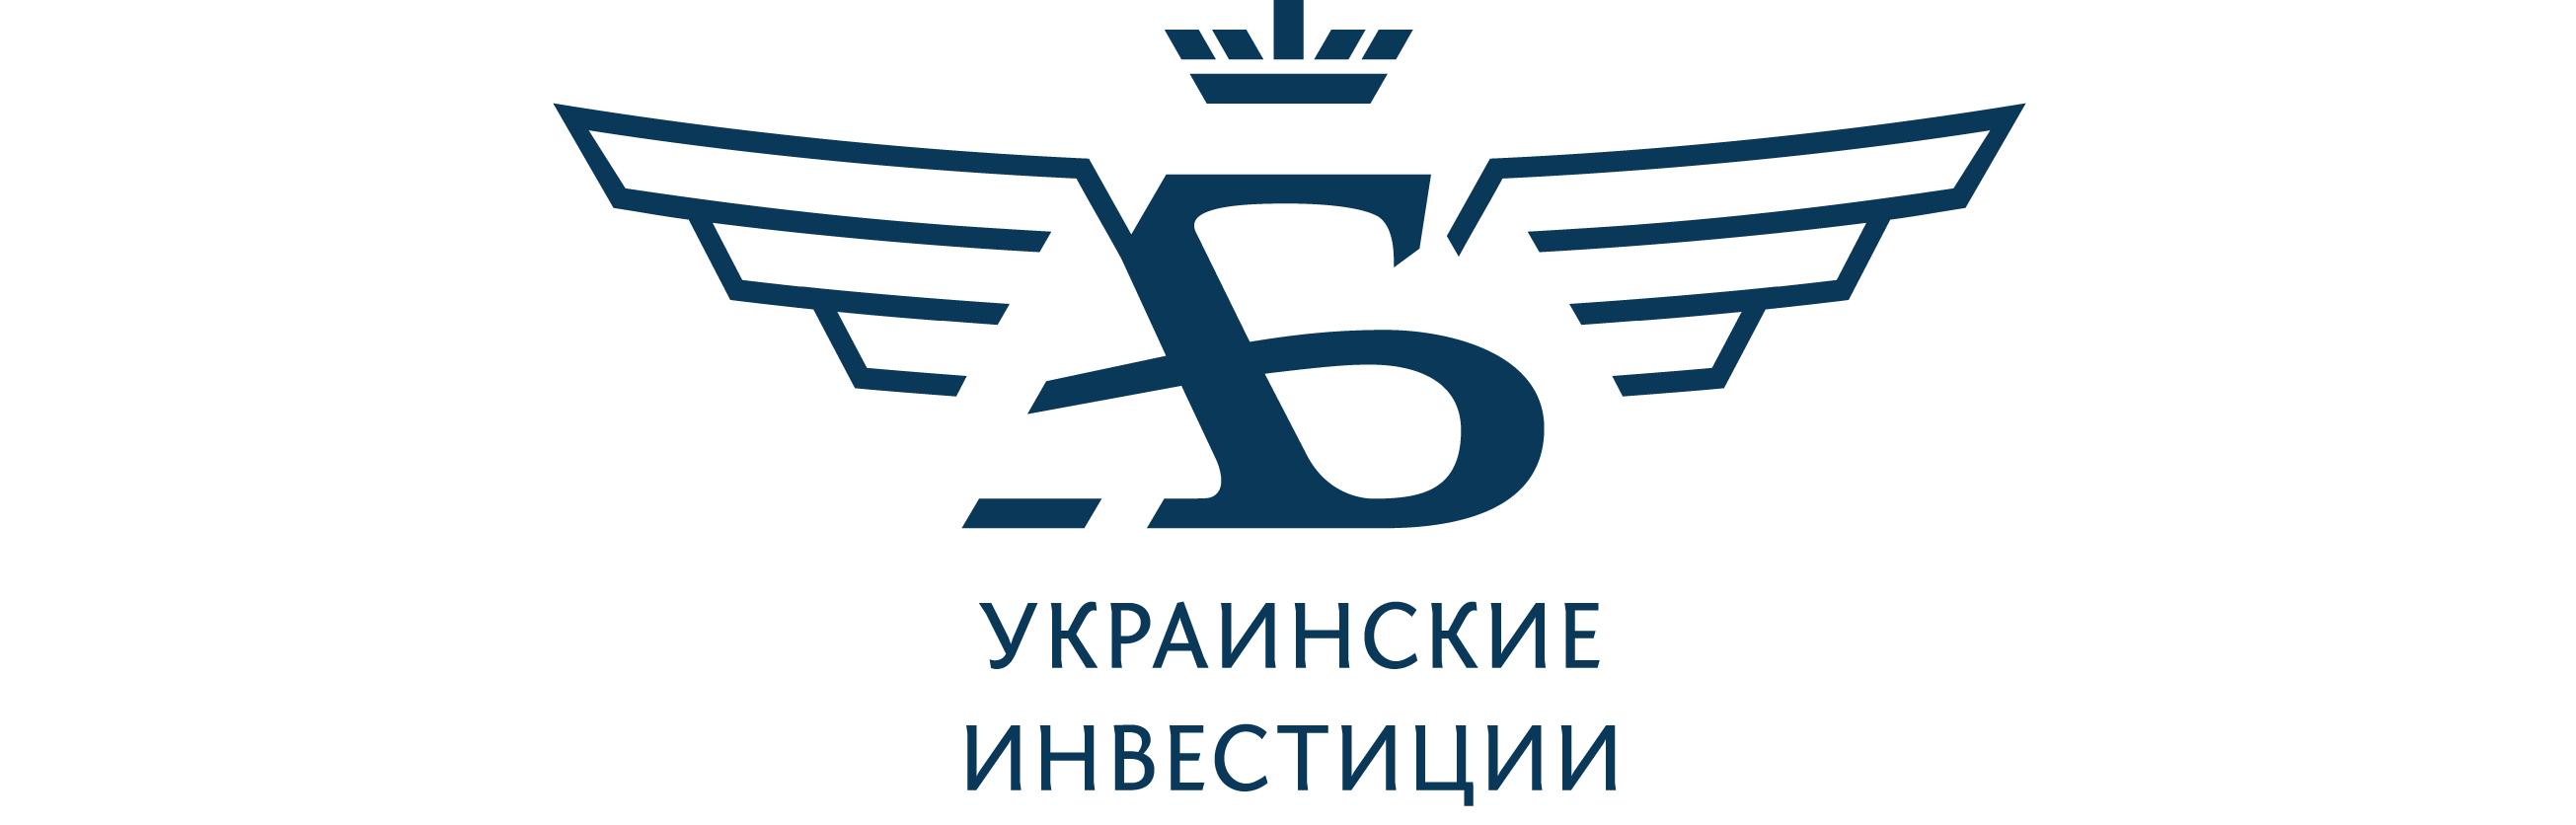 AB_presentation_logo_2_3-2